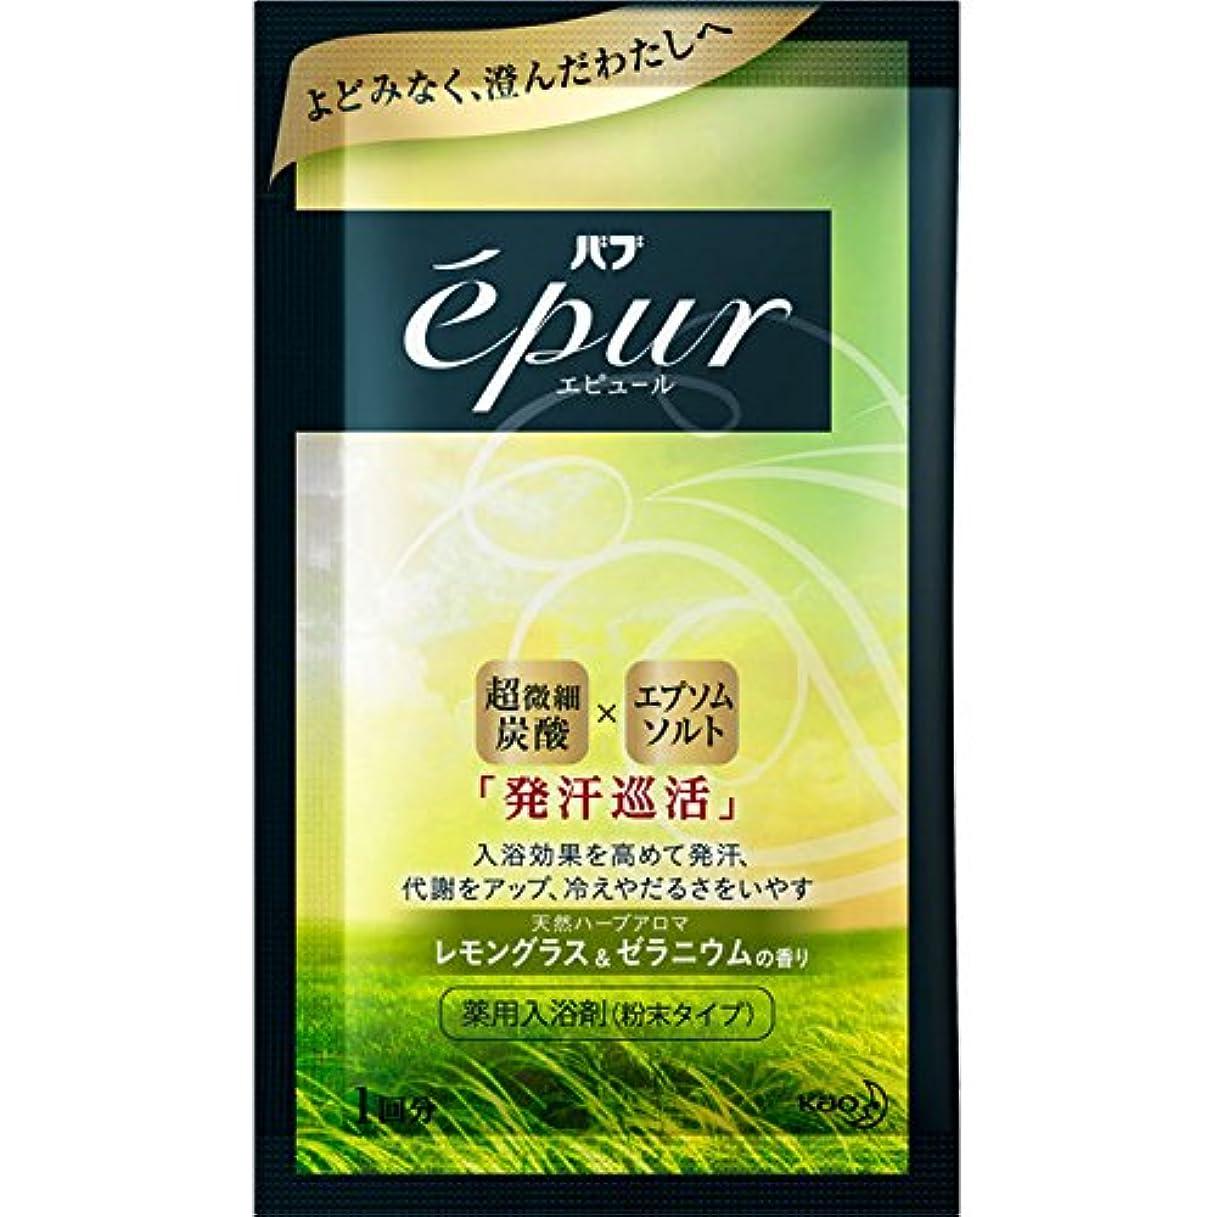 そっと蒸留する信者花王 バブ エピュール レモングラス&ゼラニウム1P 50G (医薬部外品)